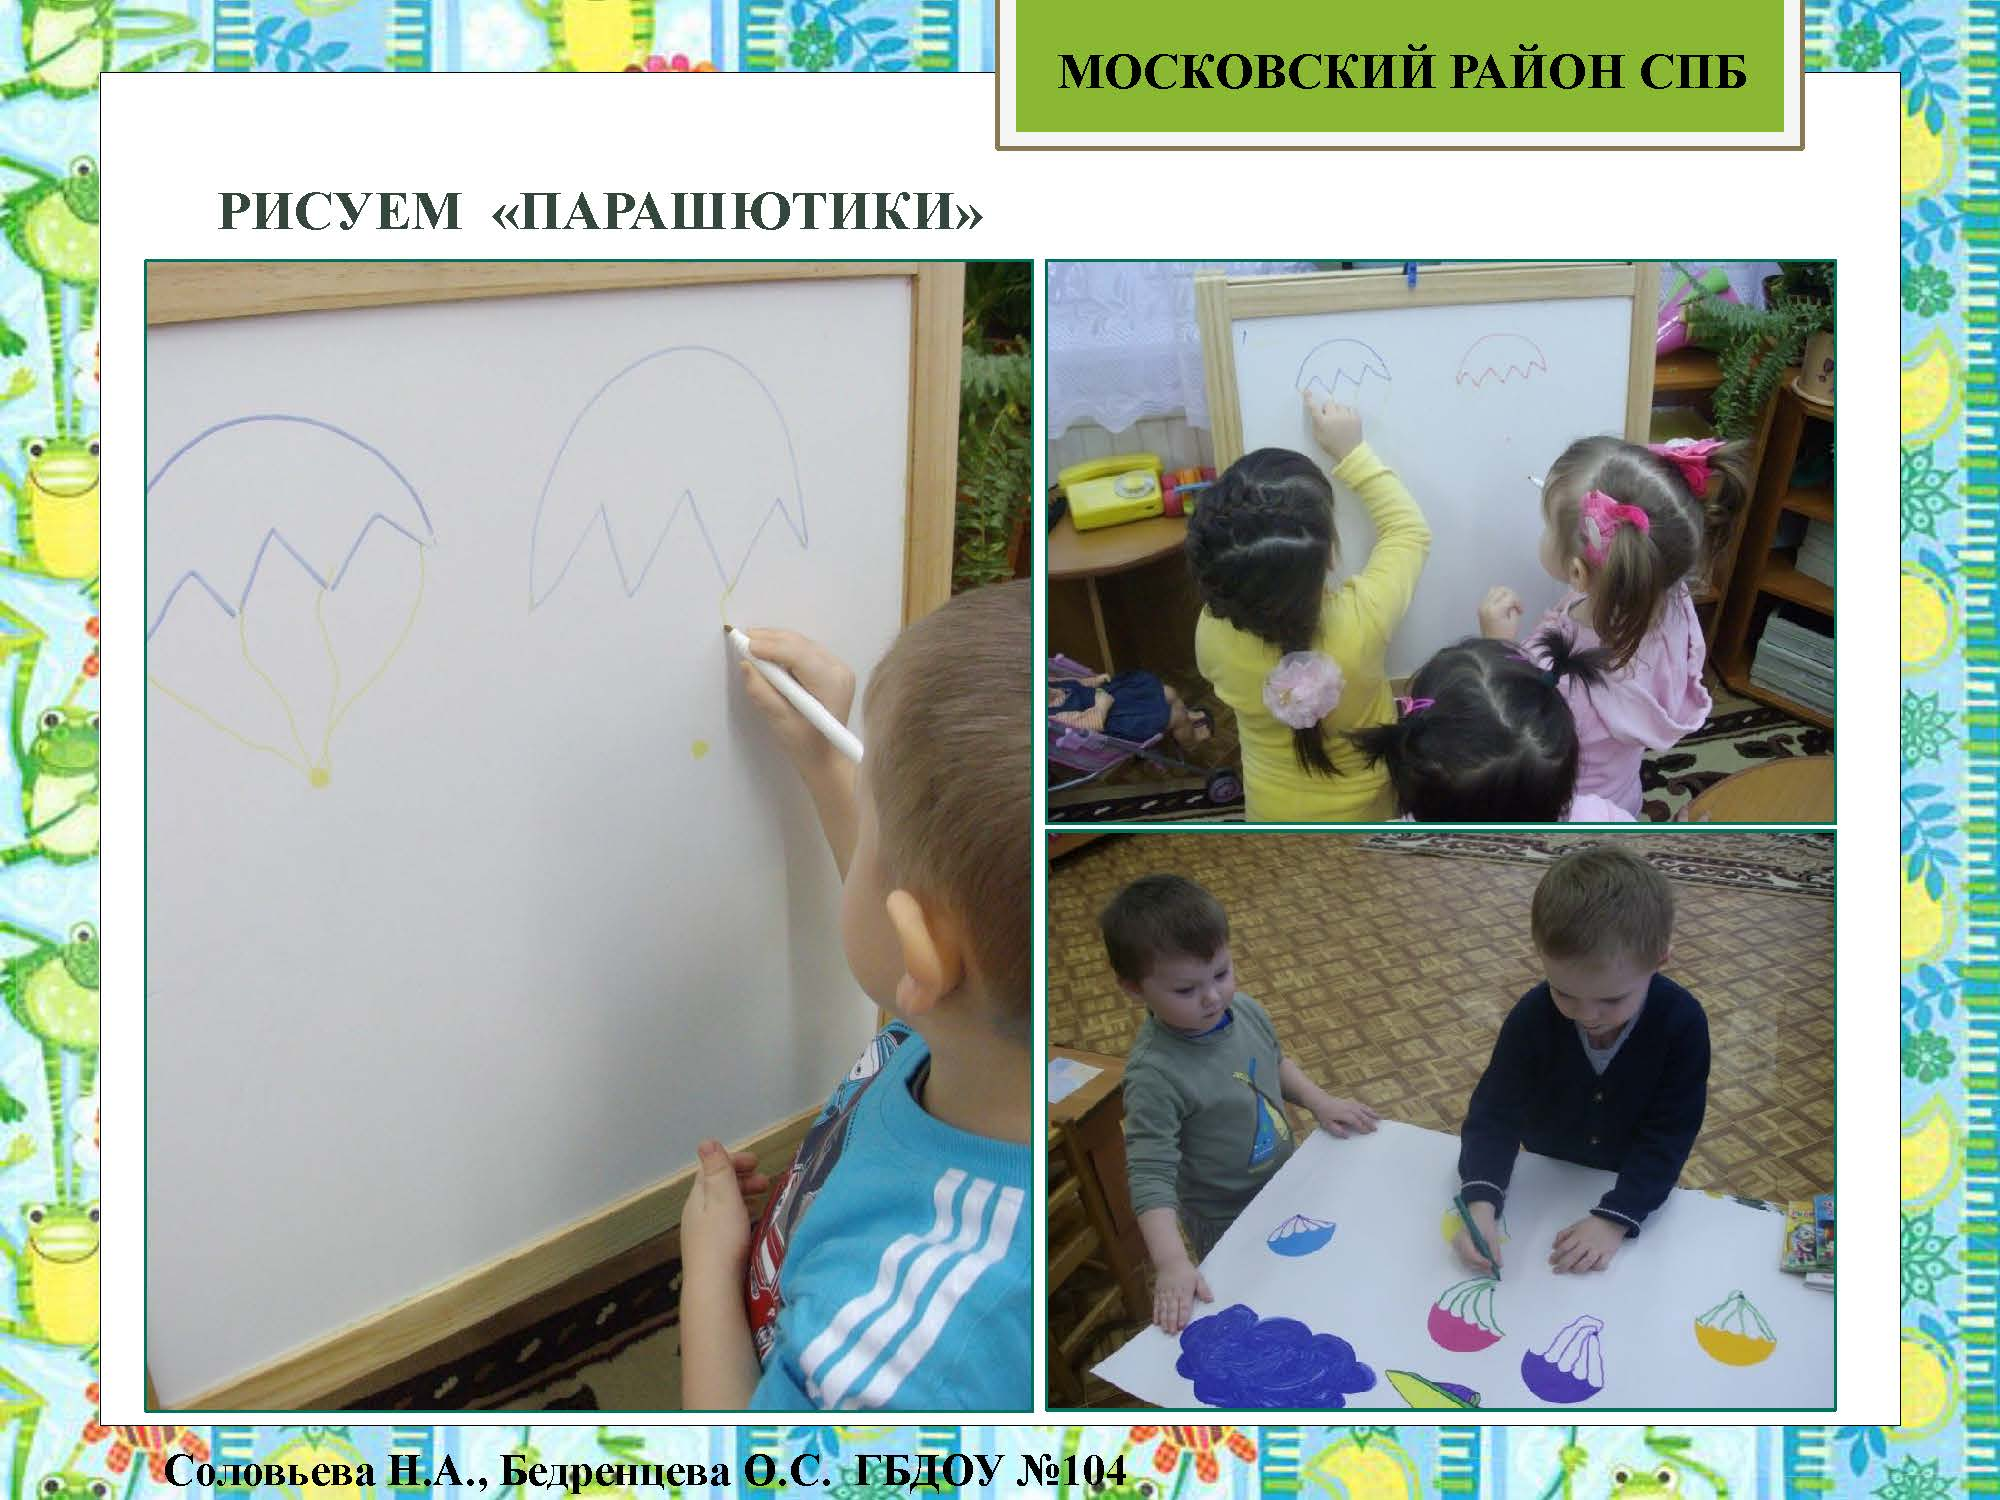 секция 8. ДОУ 104. Московский район_Страница_42